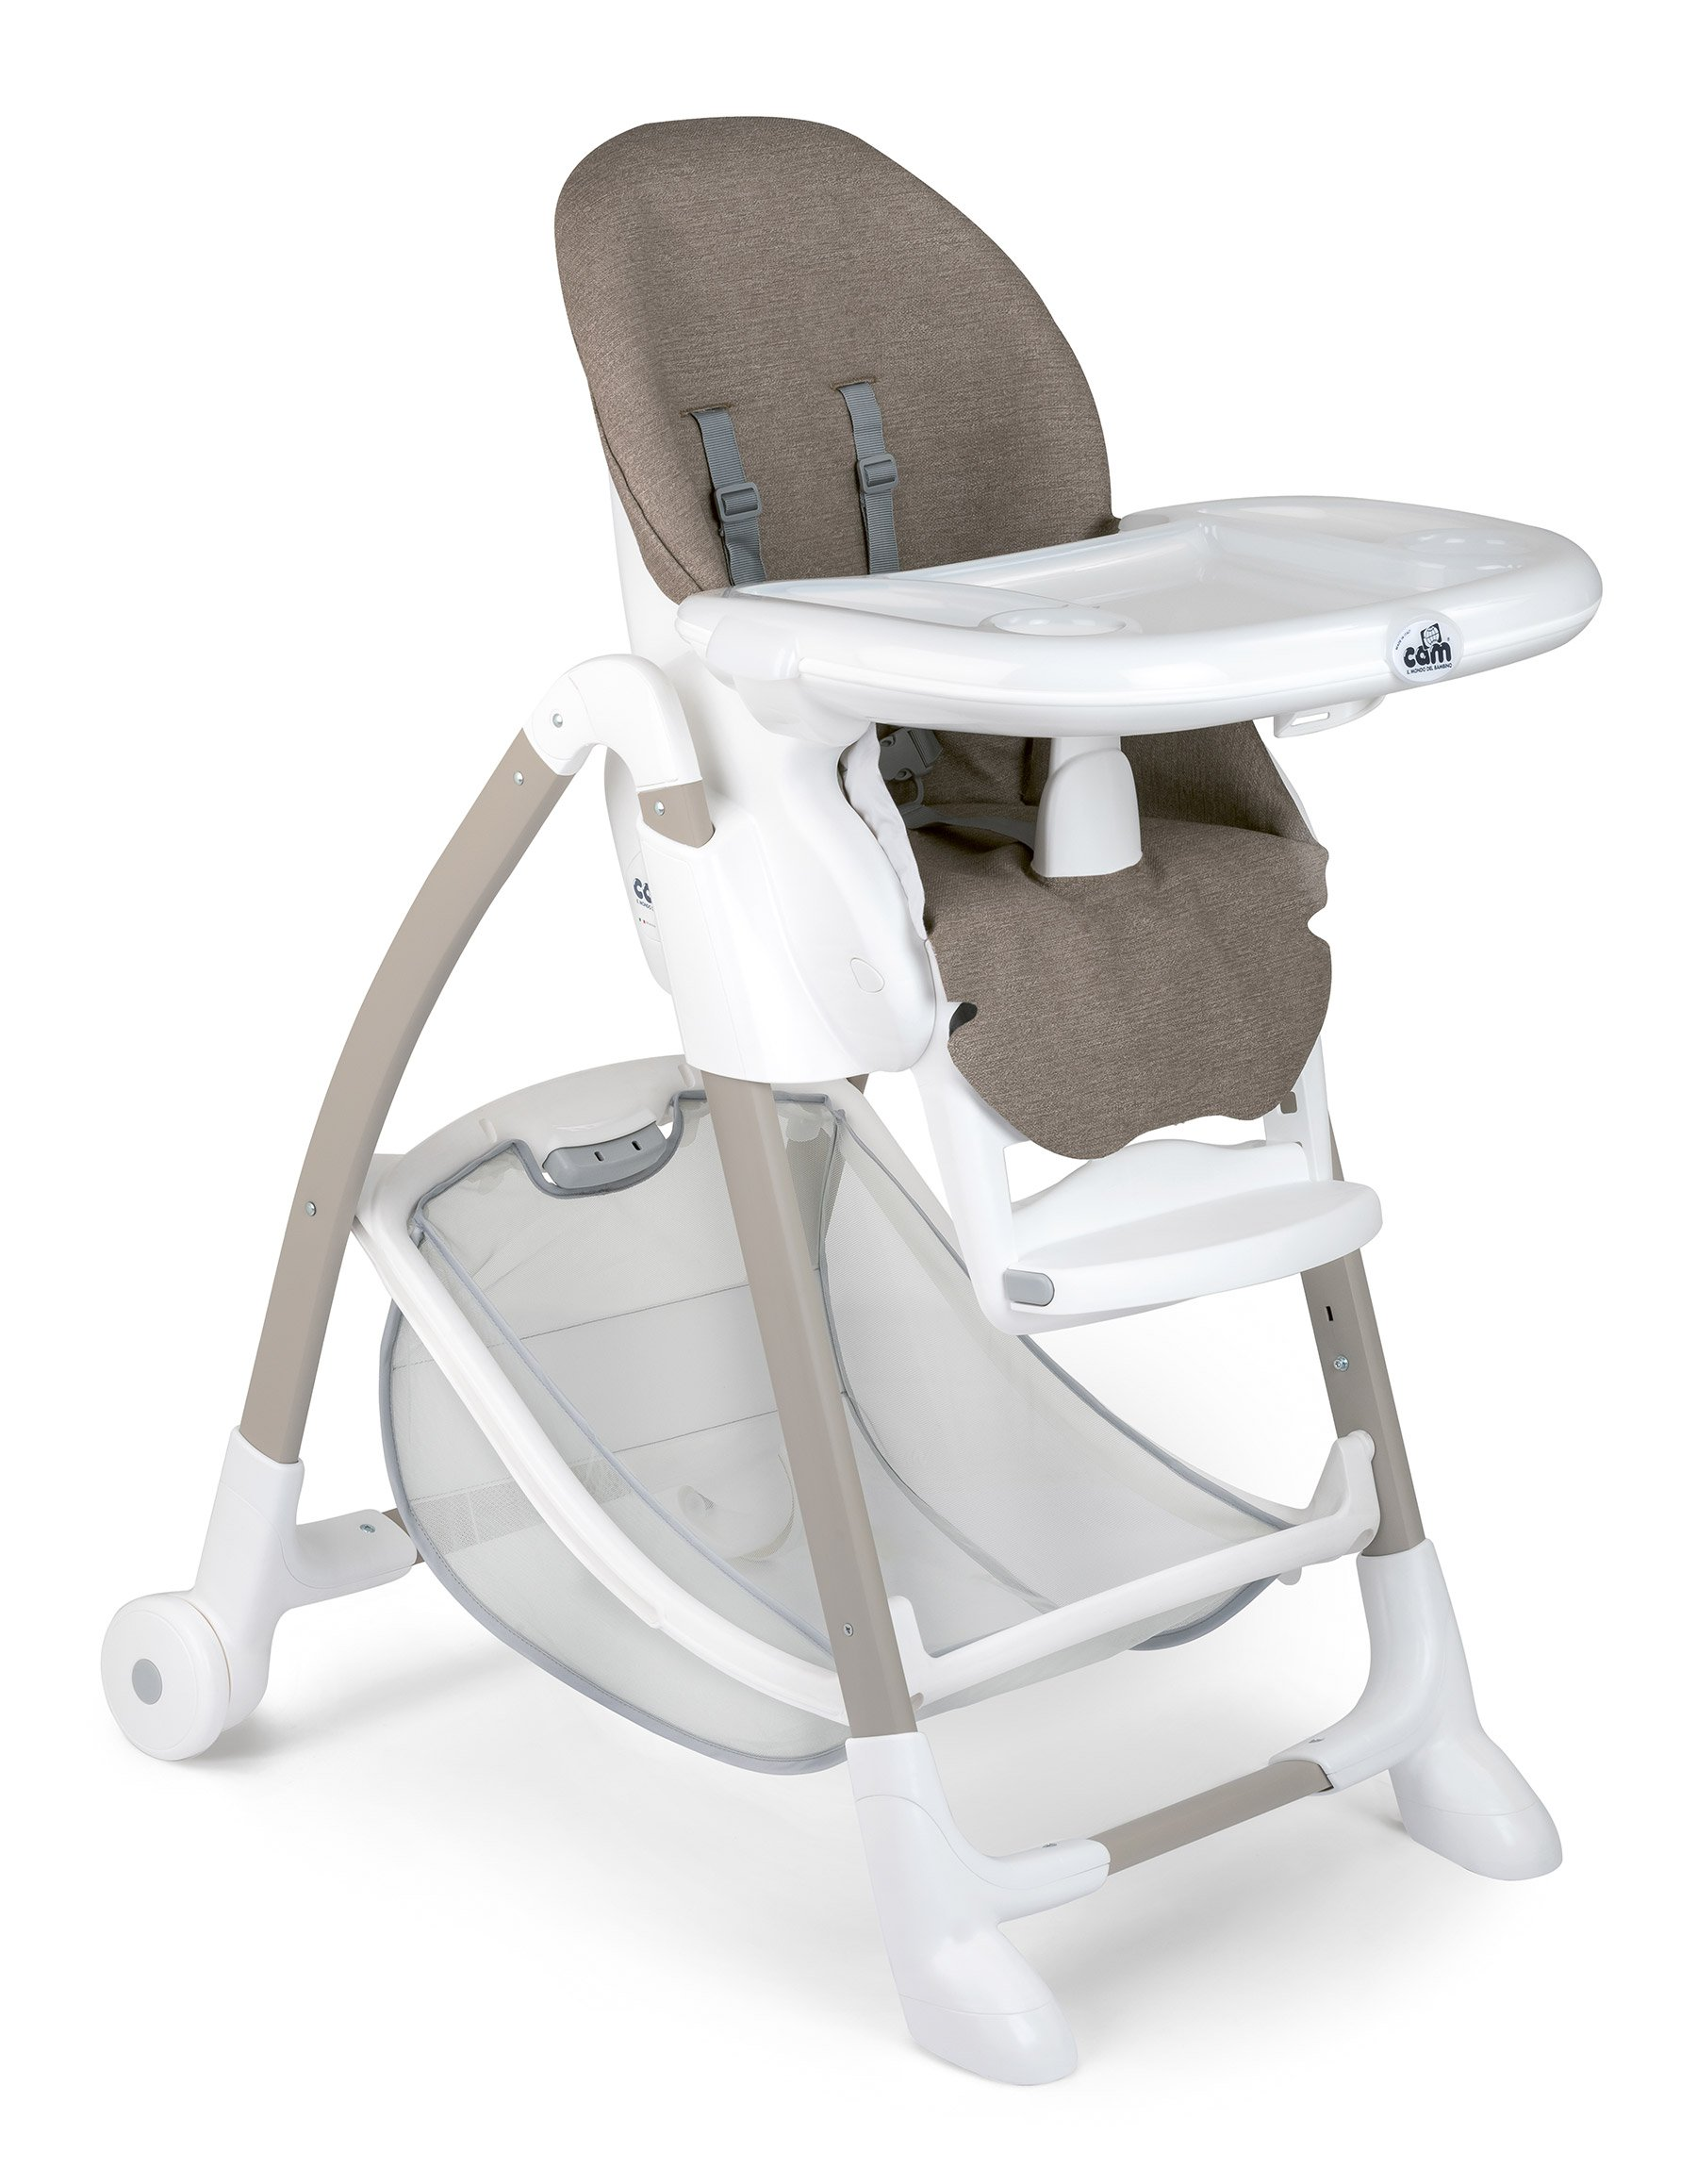 CAM GUSTO 246 Bērnu barošanas krēsliņš ar guļampozīciju